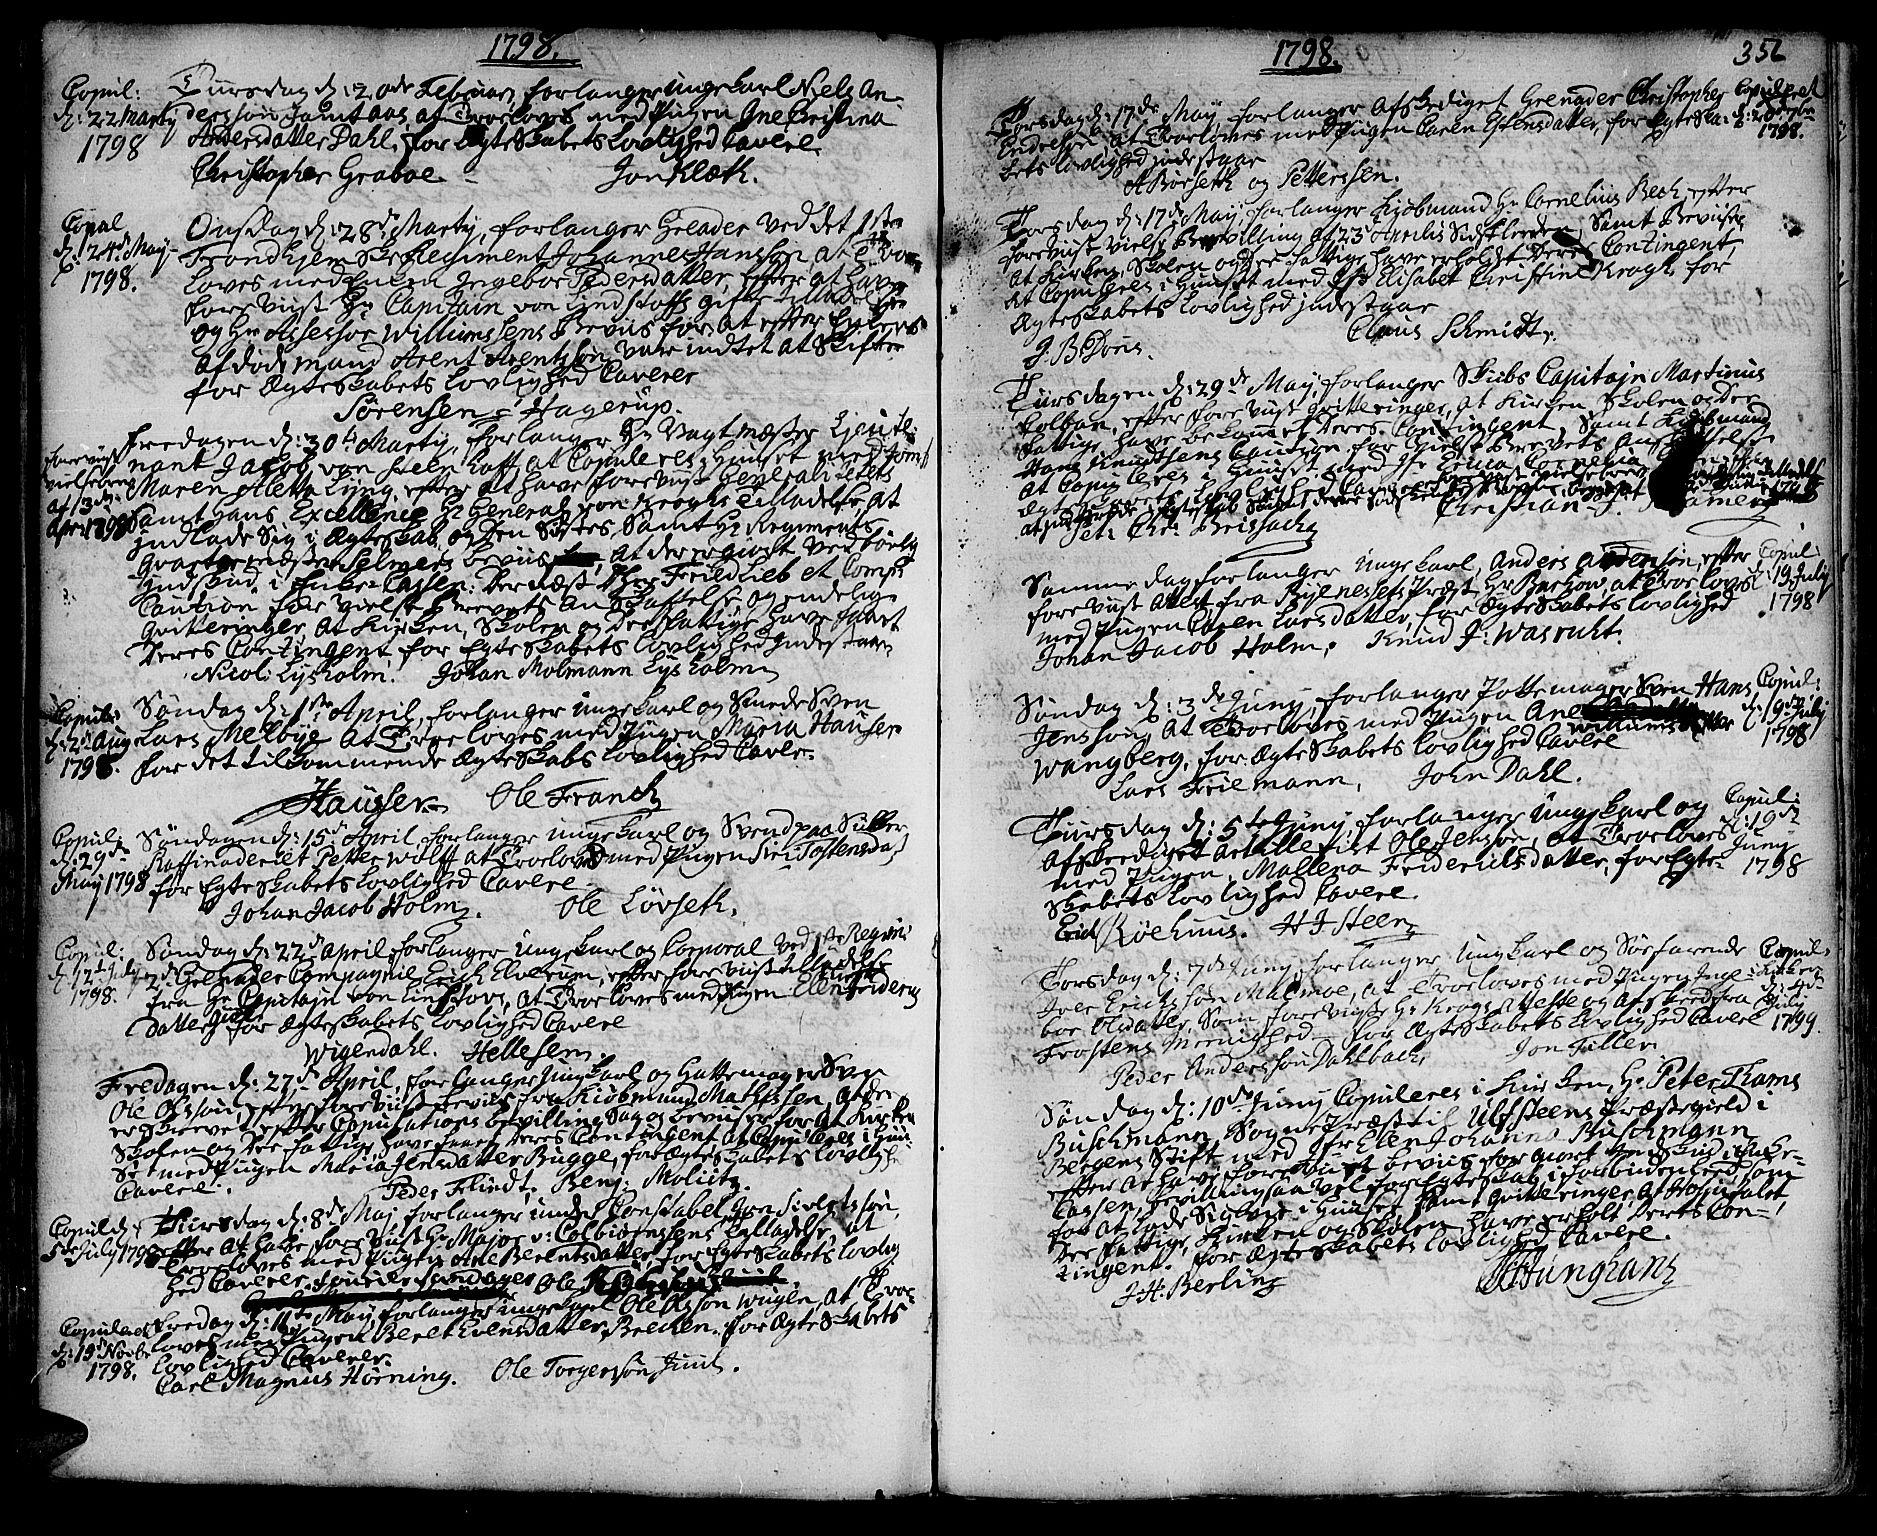 SAT, Ministerialprotokoller, klokkerbøker og fødselsregistre - Sør-Trøndelag, 601/L0038: Ministerialbok nr. 601A06, 1766-1877, s. 356c